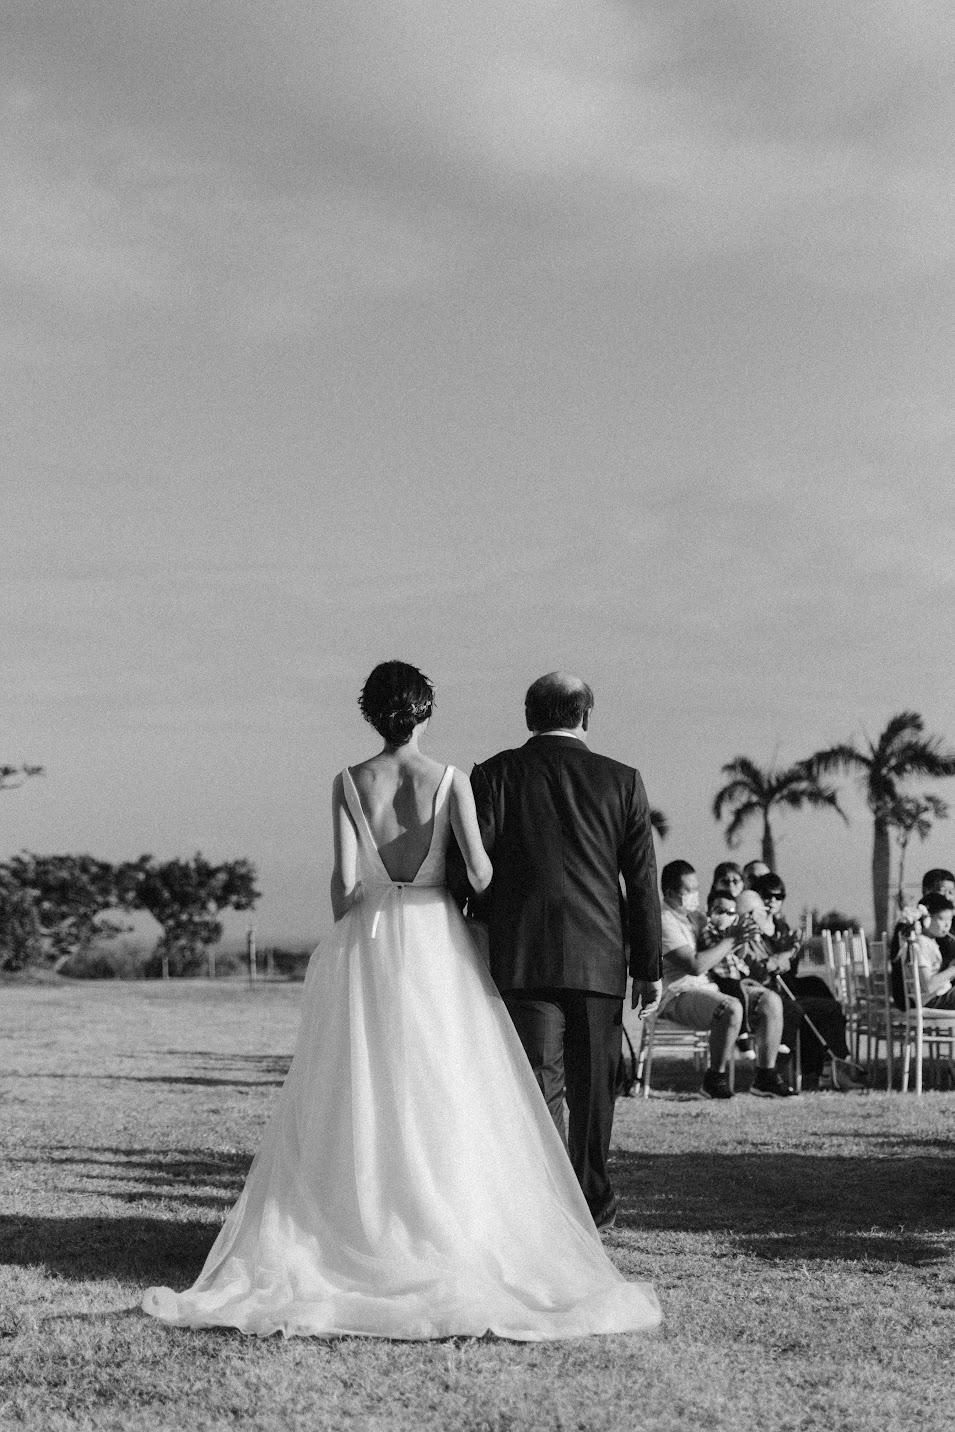 墾丁嵐翎白砂度假莊園婚禮攝影 , 墾丁 婚禮紀錄 , Amazing Grace婚禮攝影